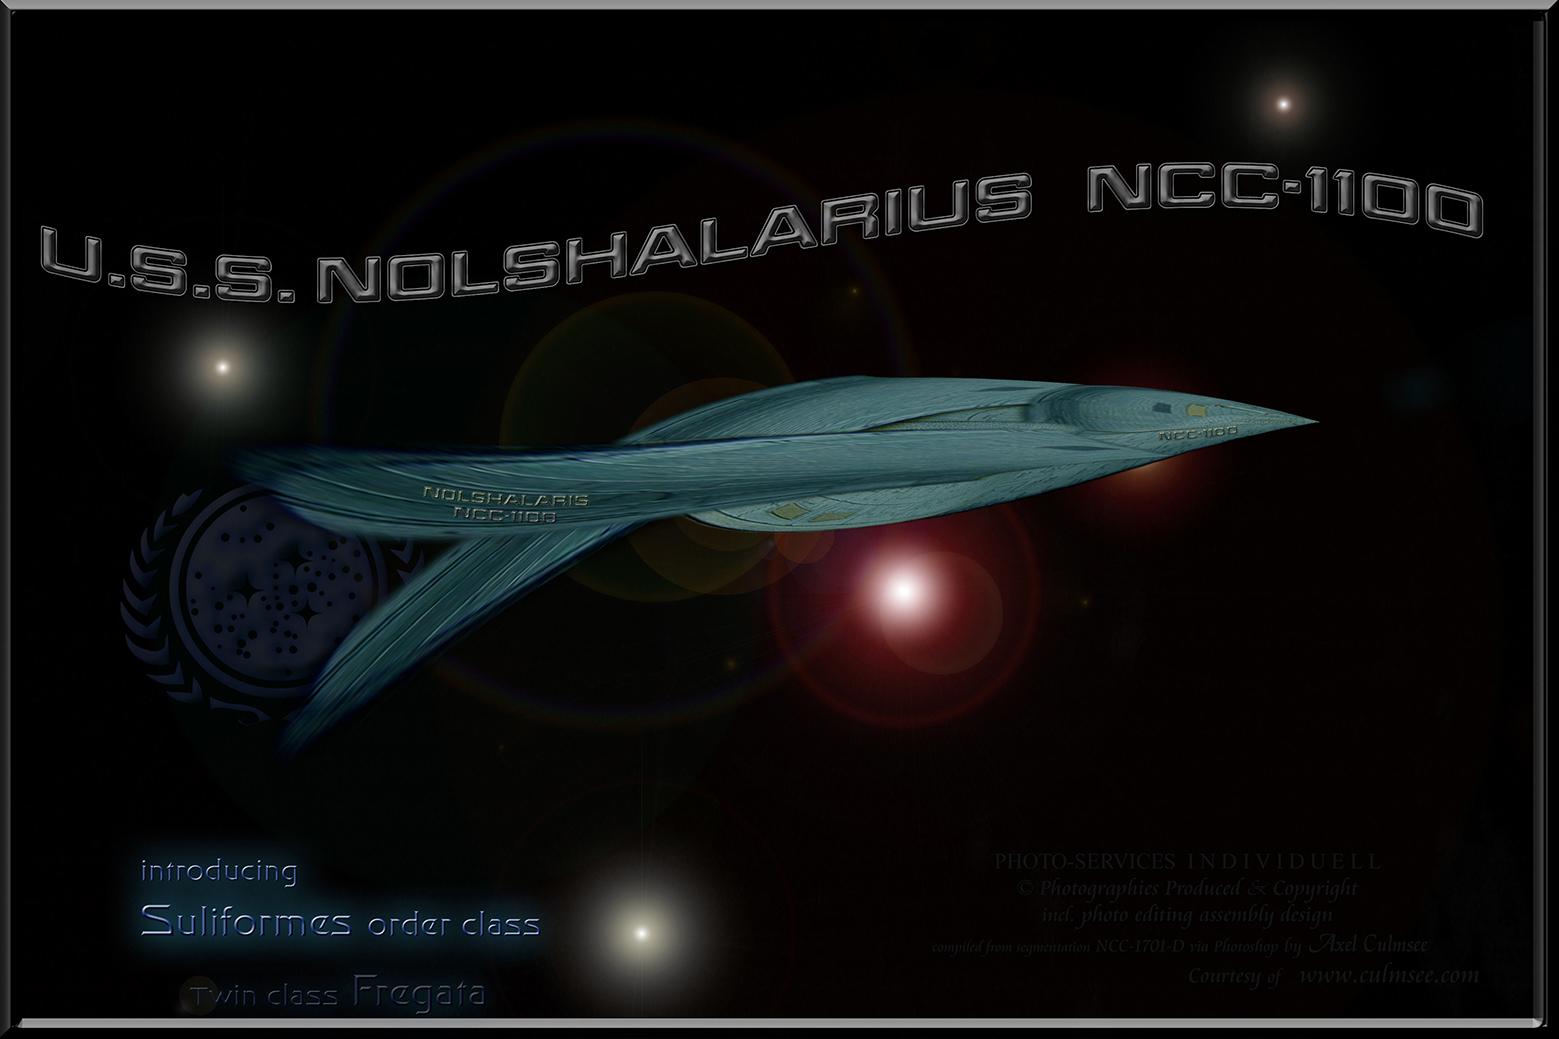 NOLSHALARIUS NCC-1100